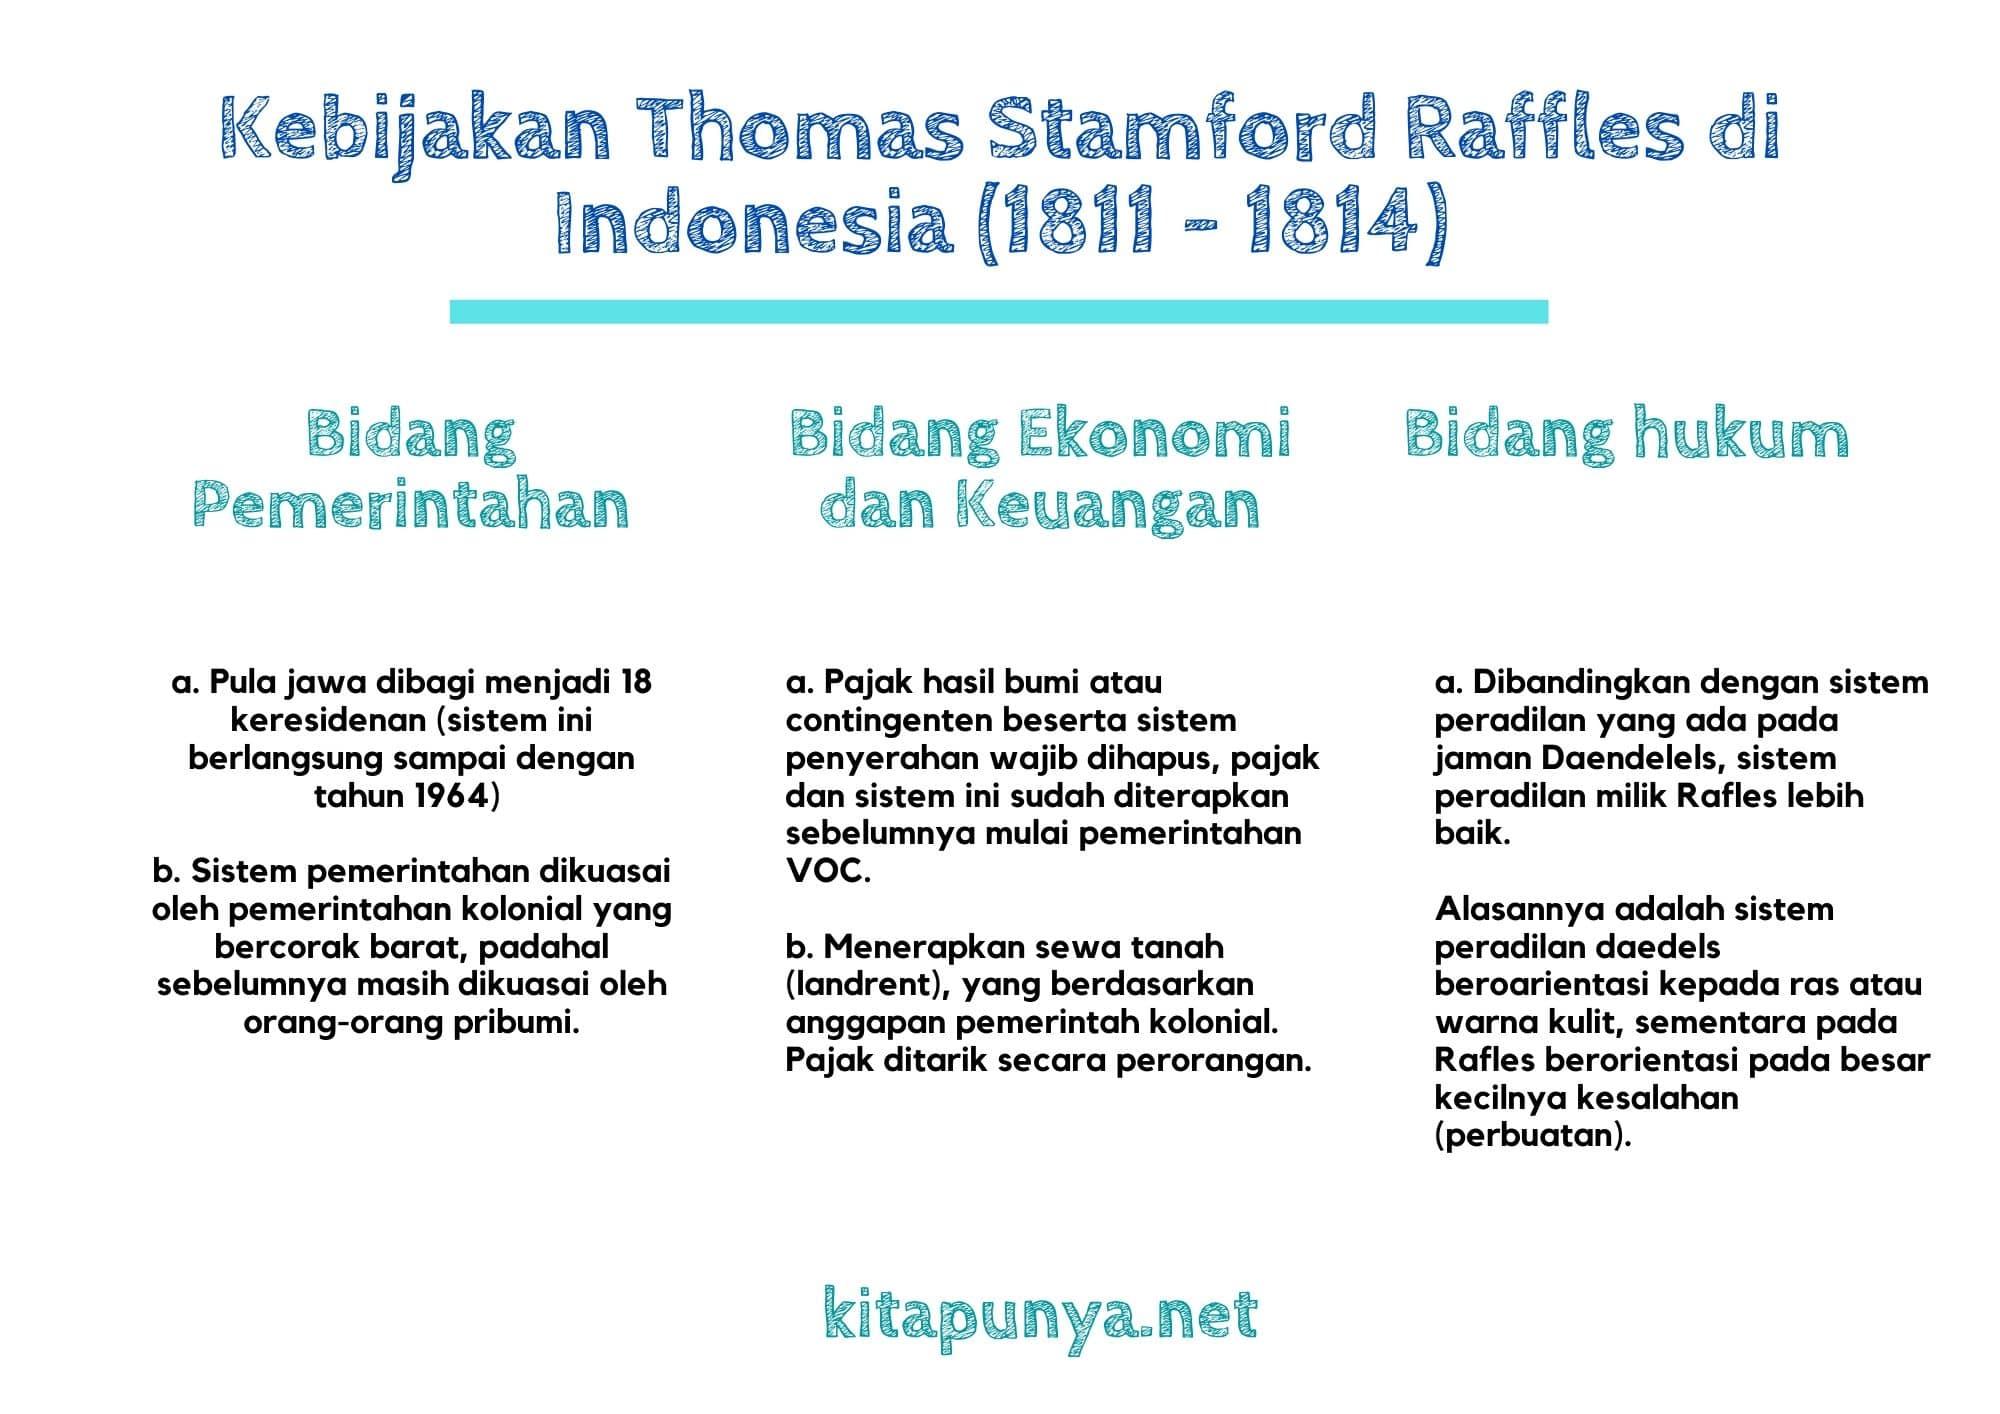 kebijakan raffles di indonesia